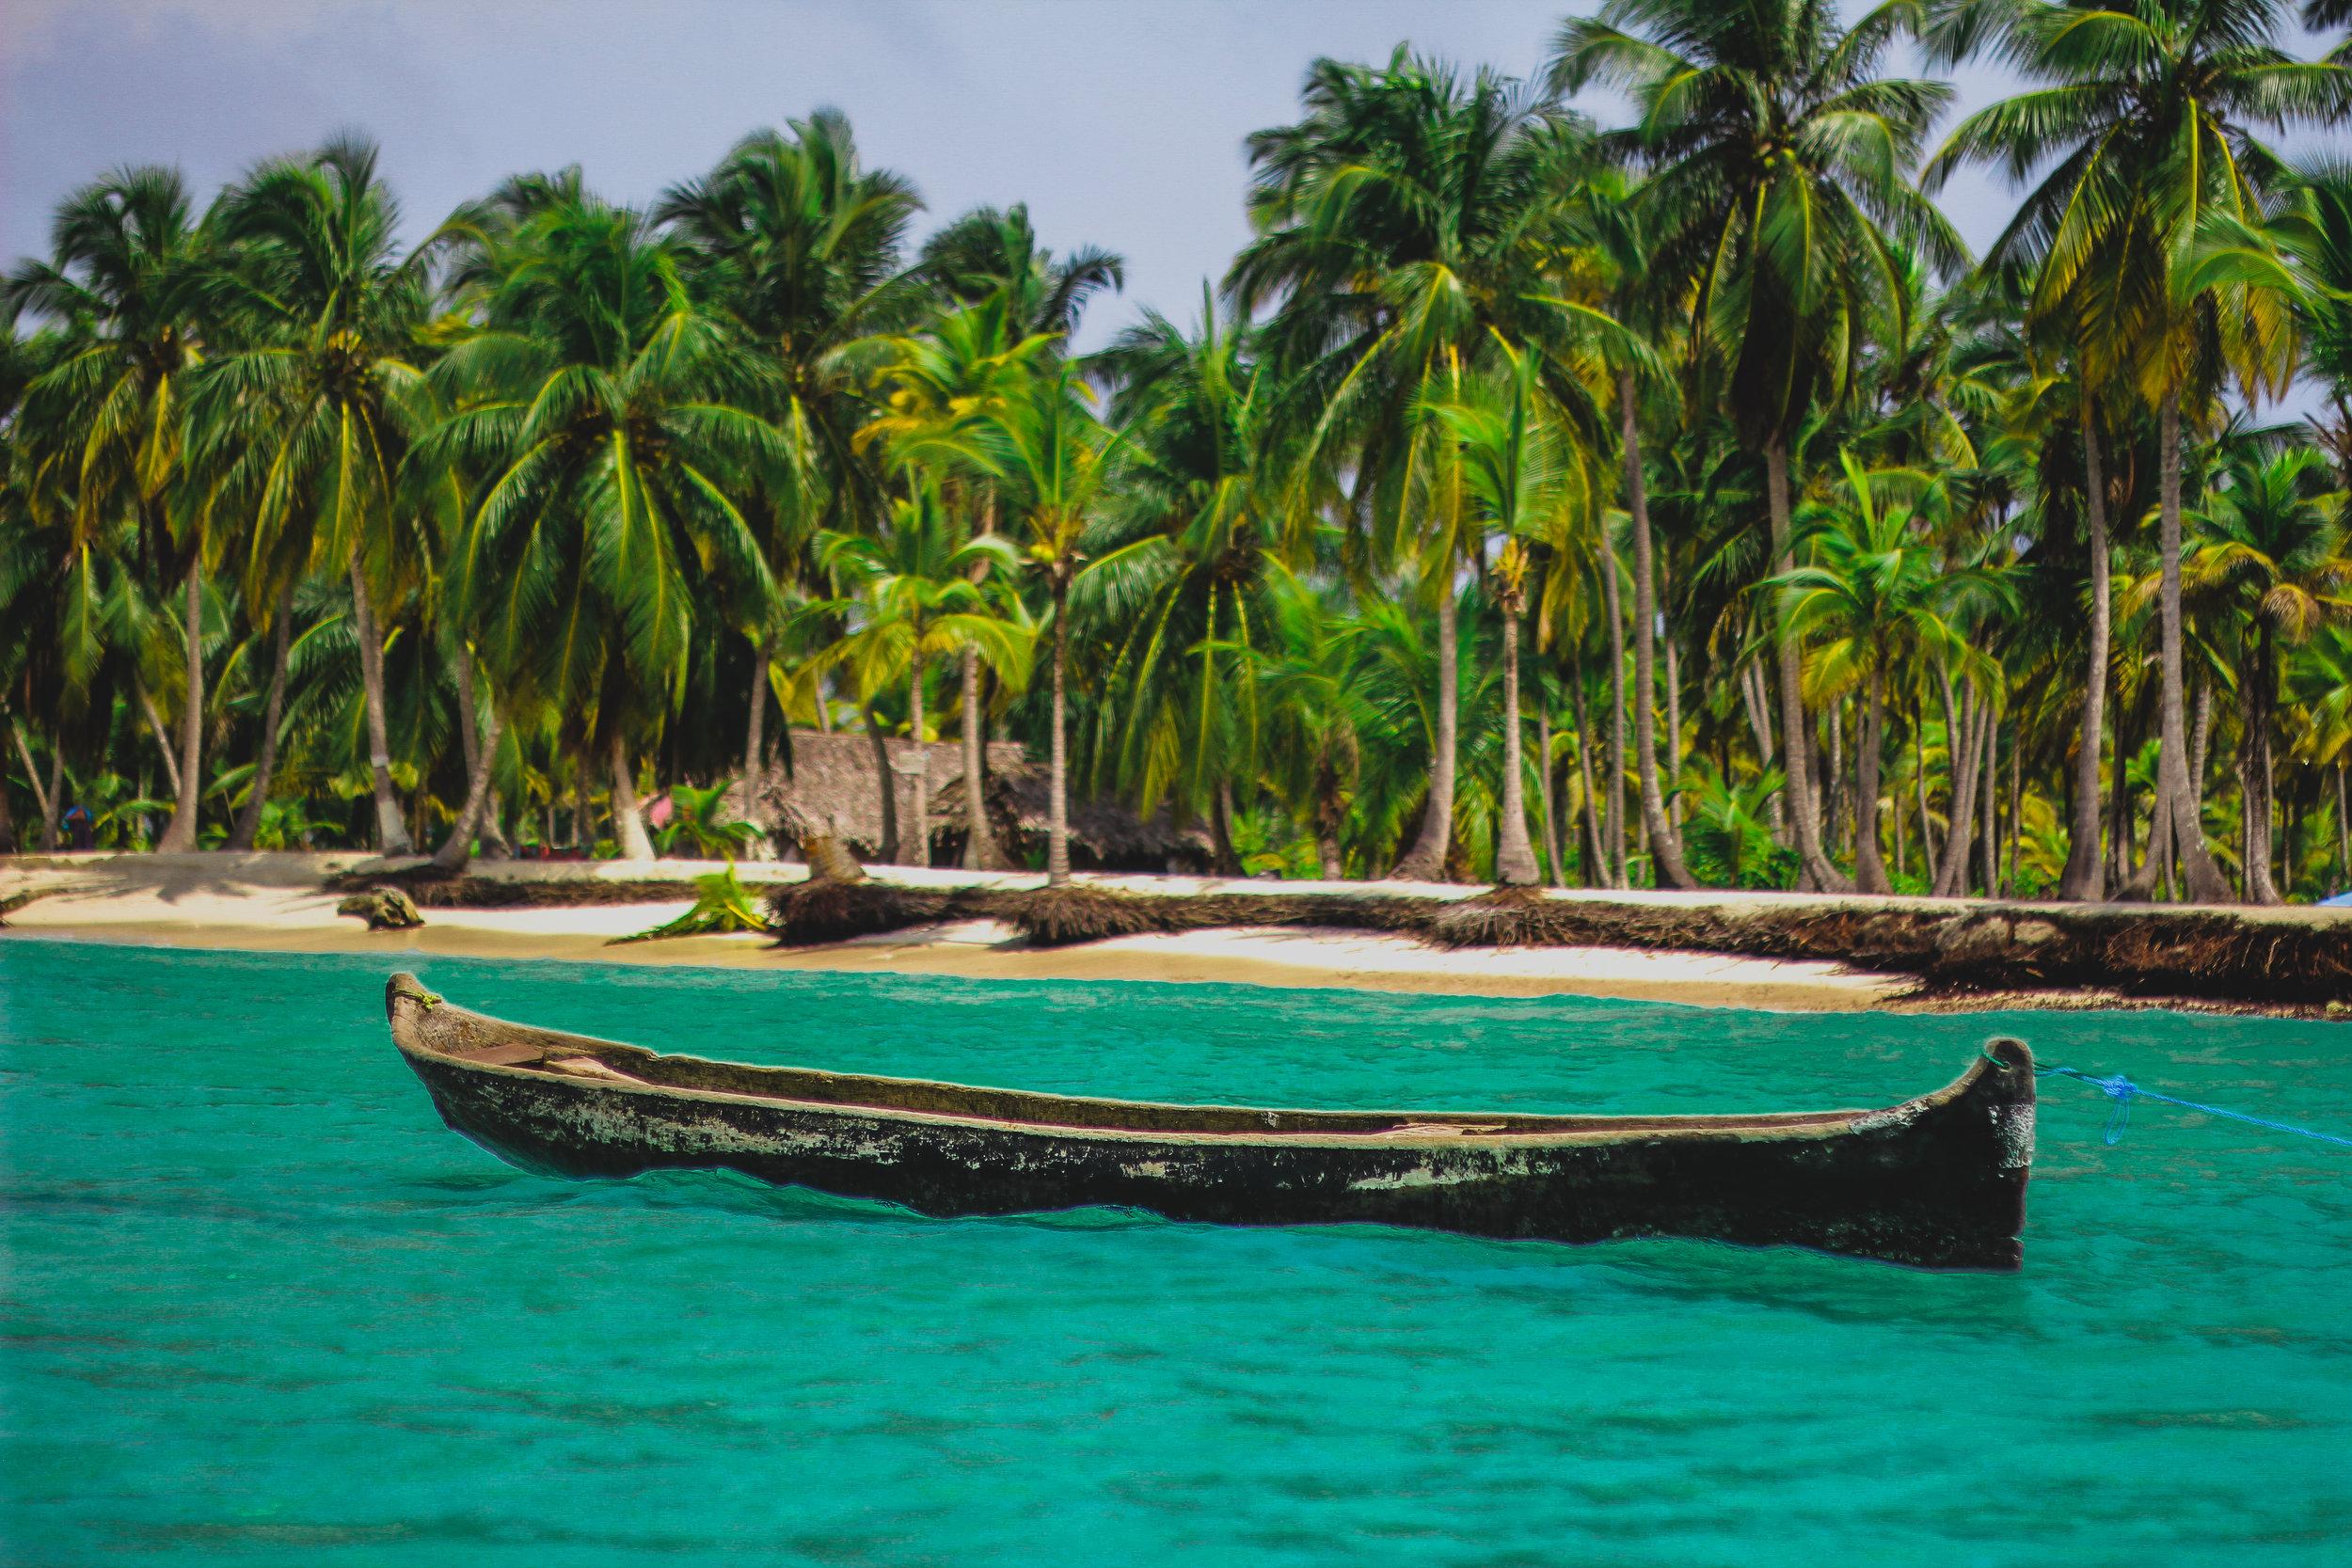 Boat in Panama